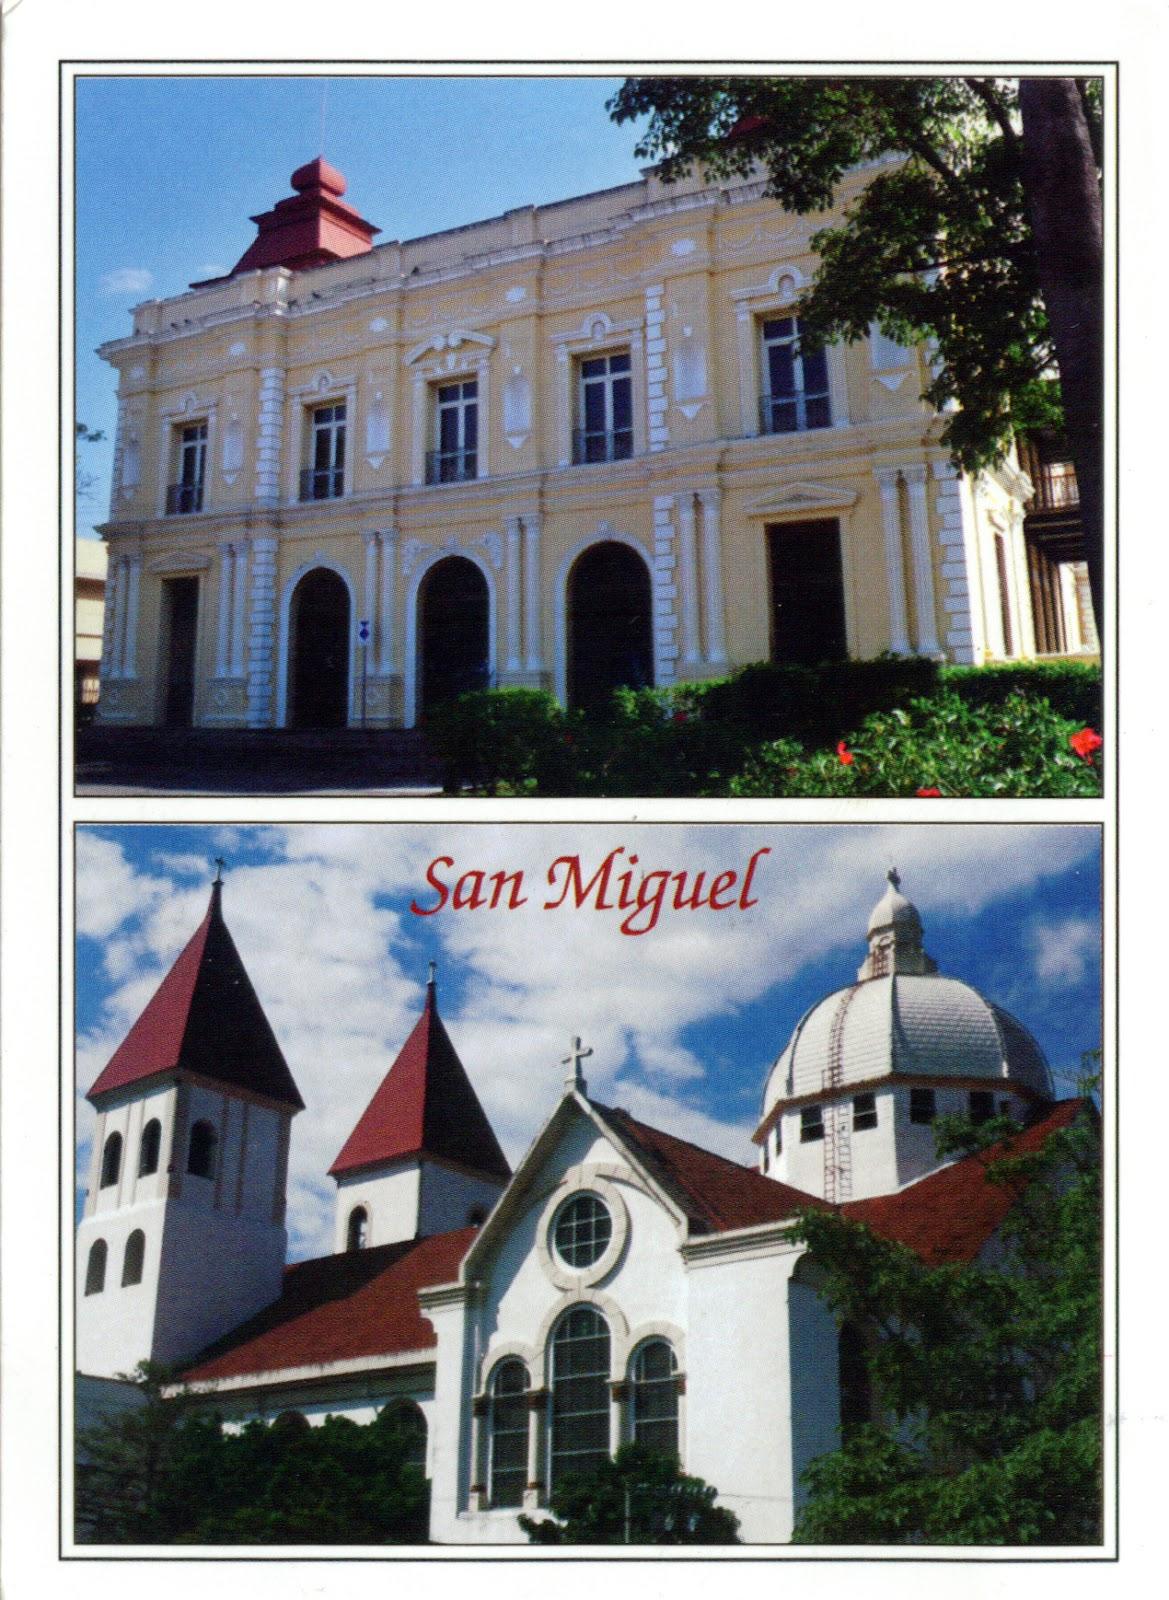 San Miguel El Salvador